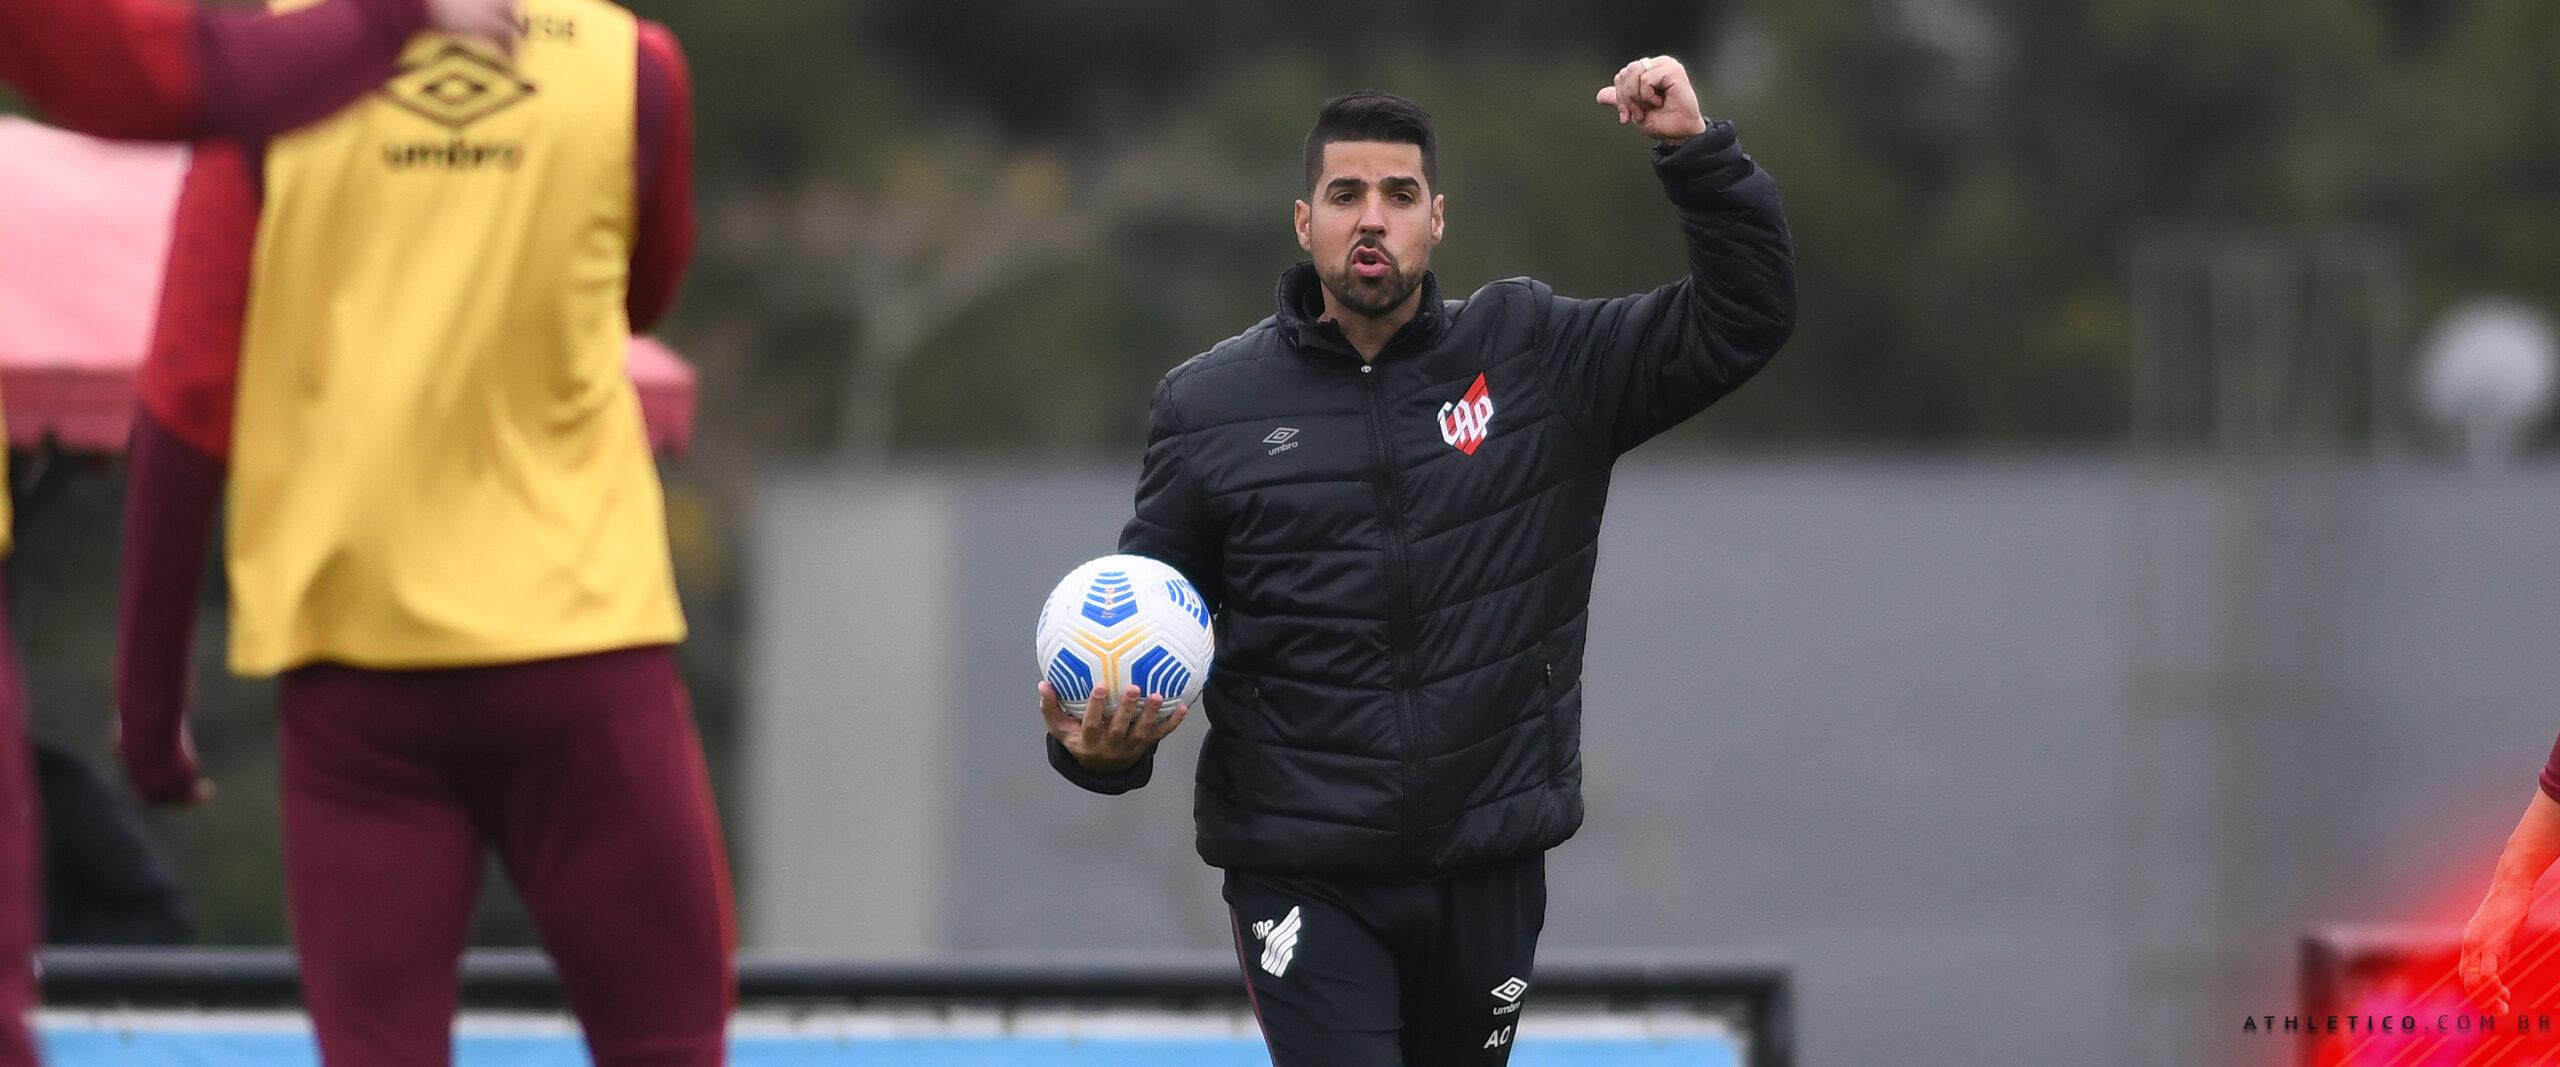 Athletico treinou nesta sexta-feira e encerrou os preparativos para enfrentar o Palmeiras